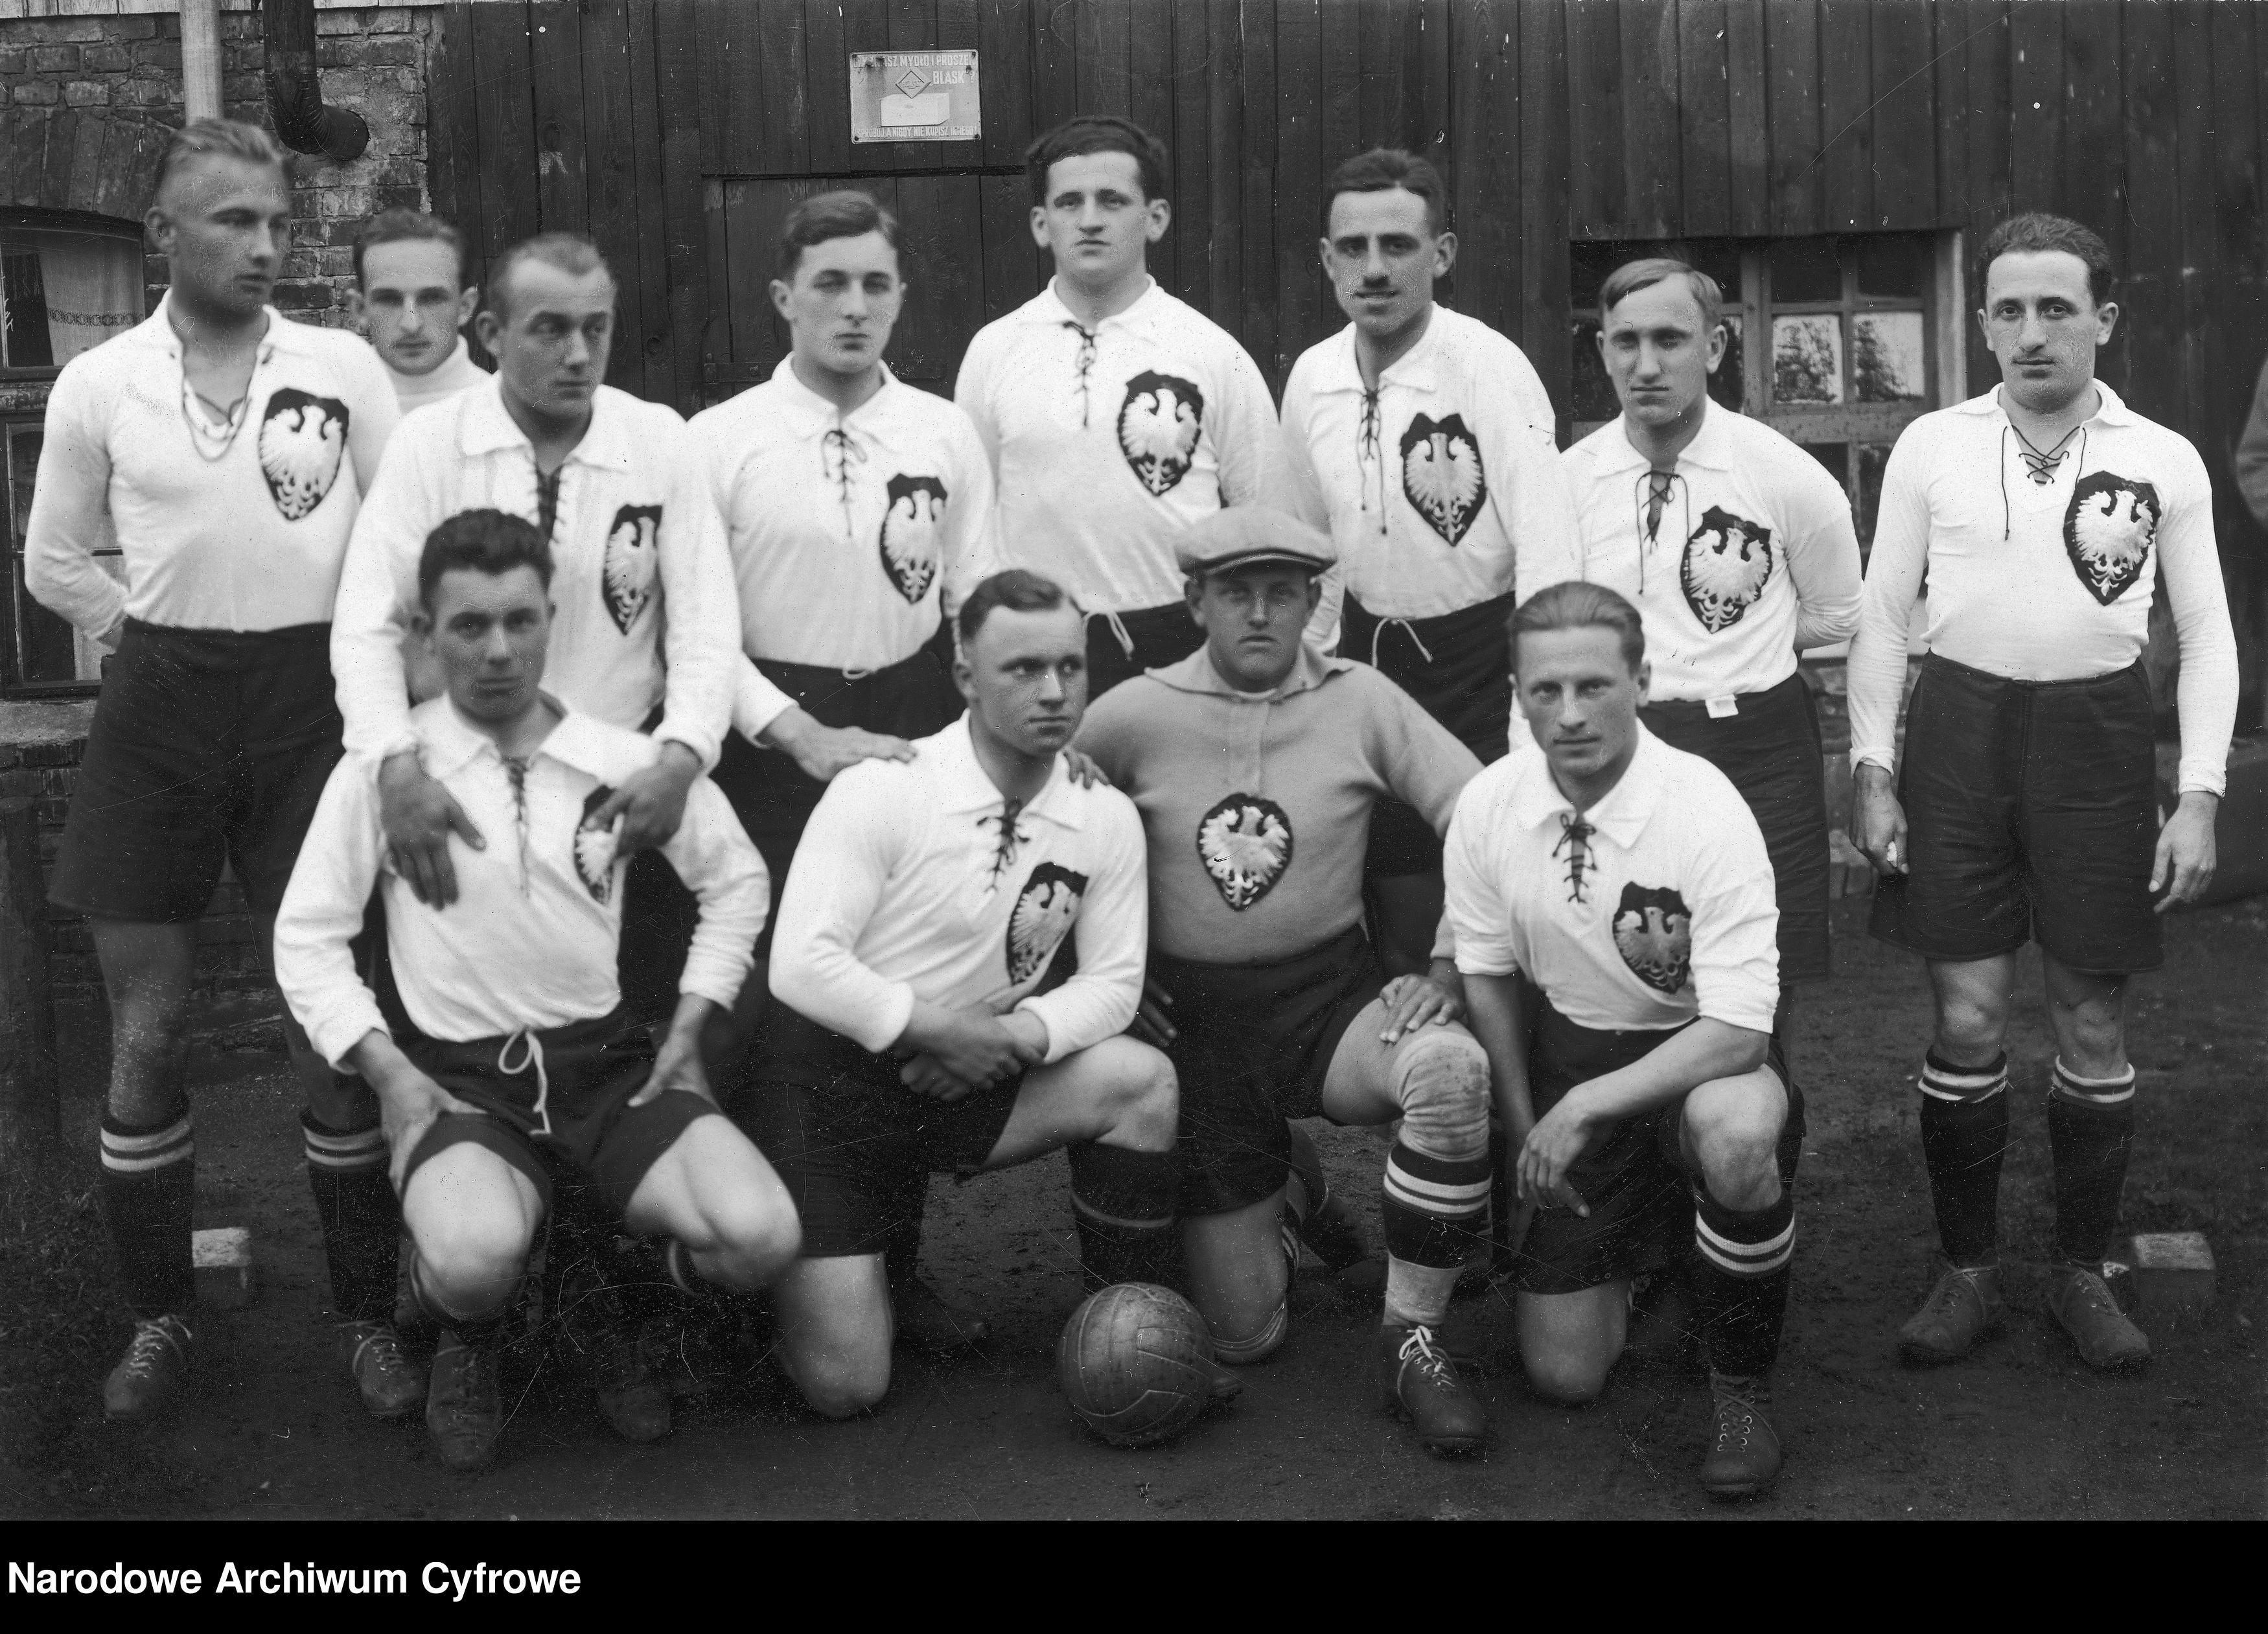 Historyczny mecz na Mundialu z podkarpackimi śladami [ZDJĘCIA] - Zdjęcie główne